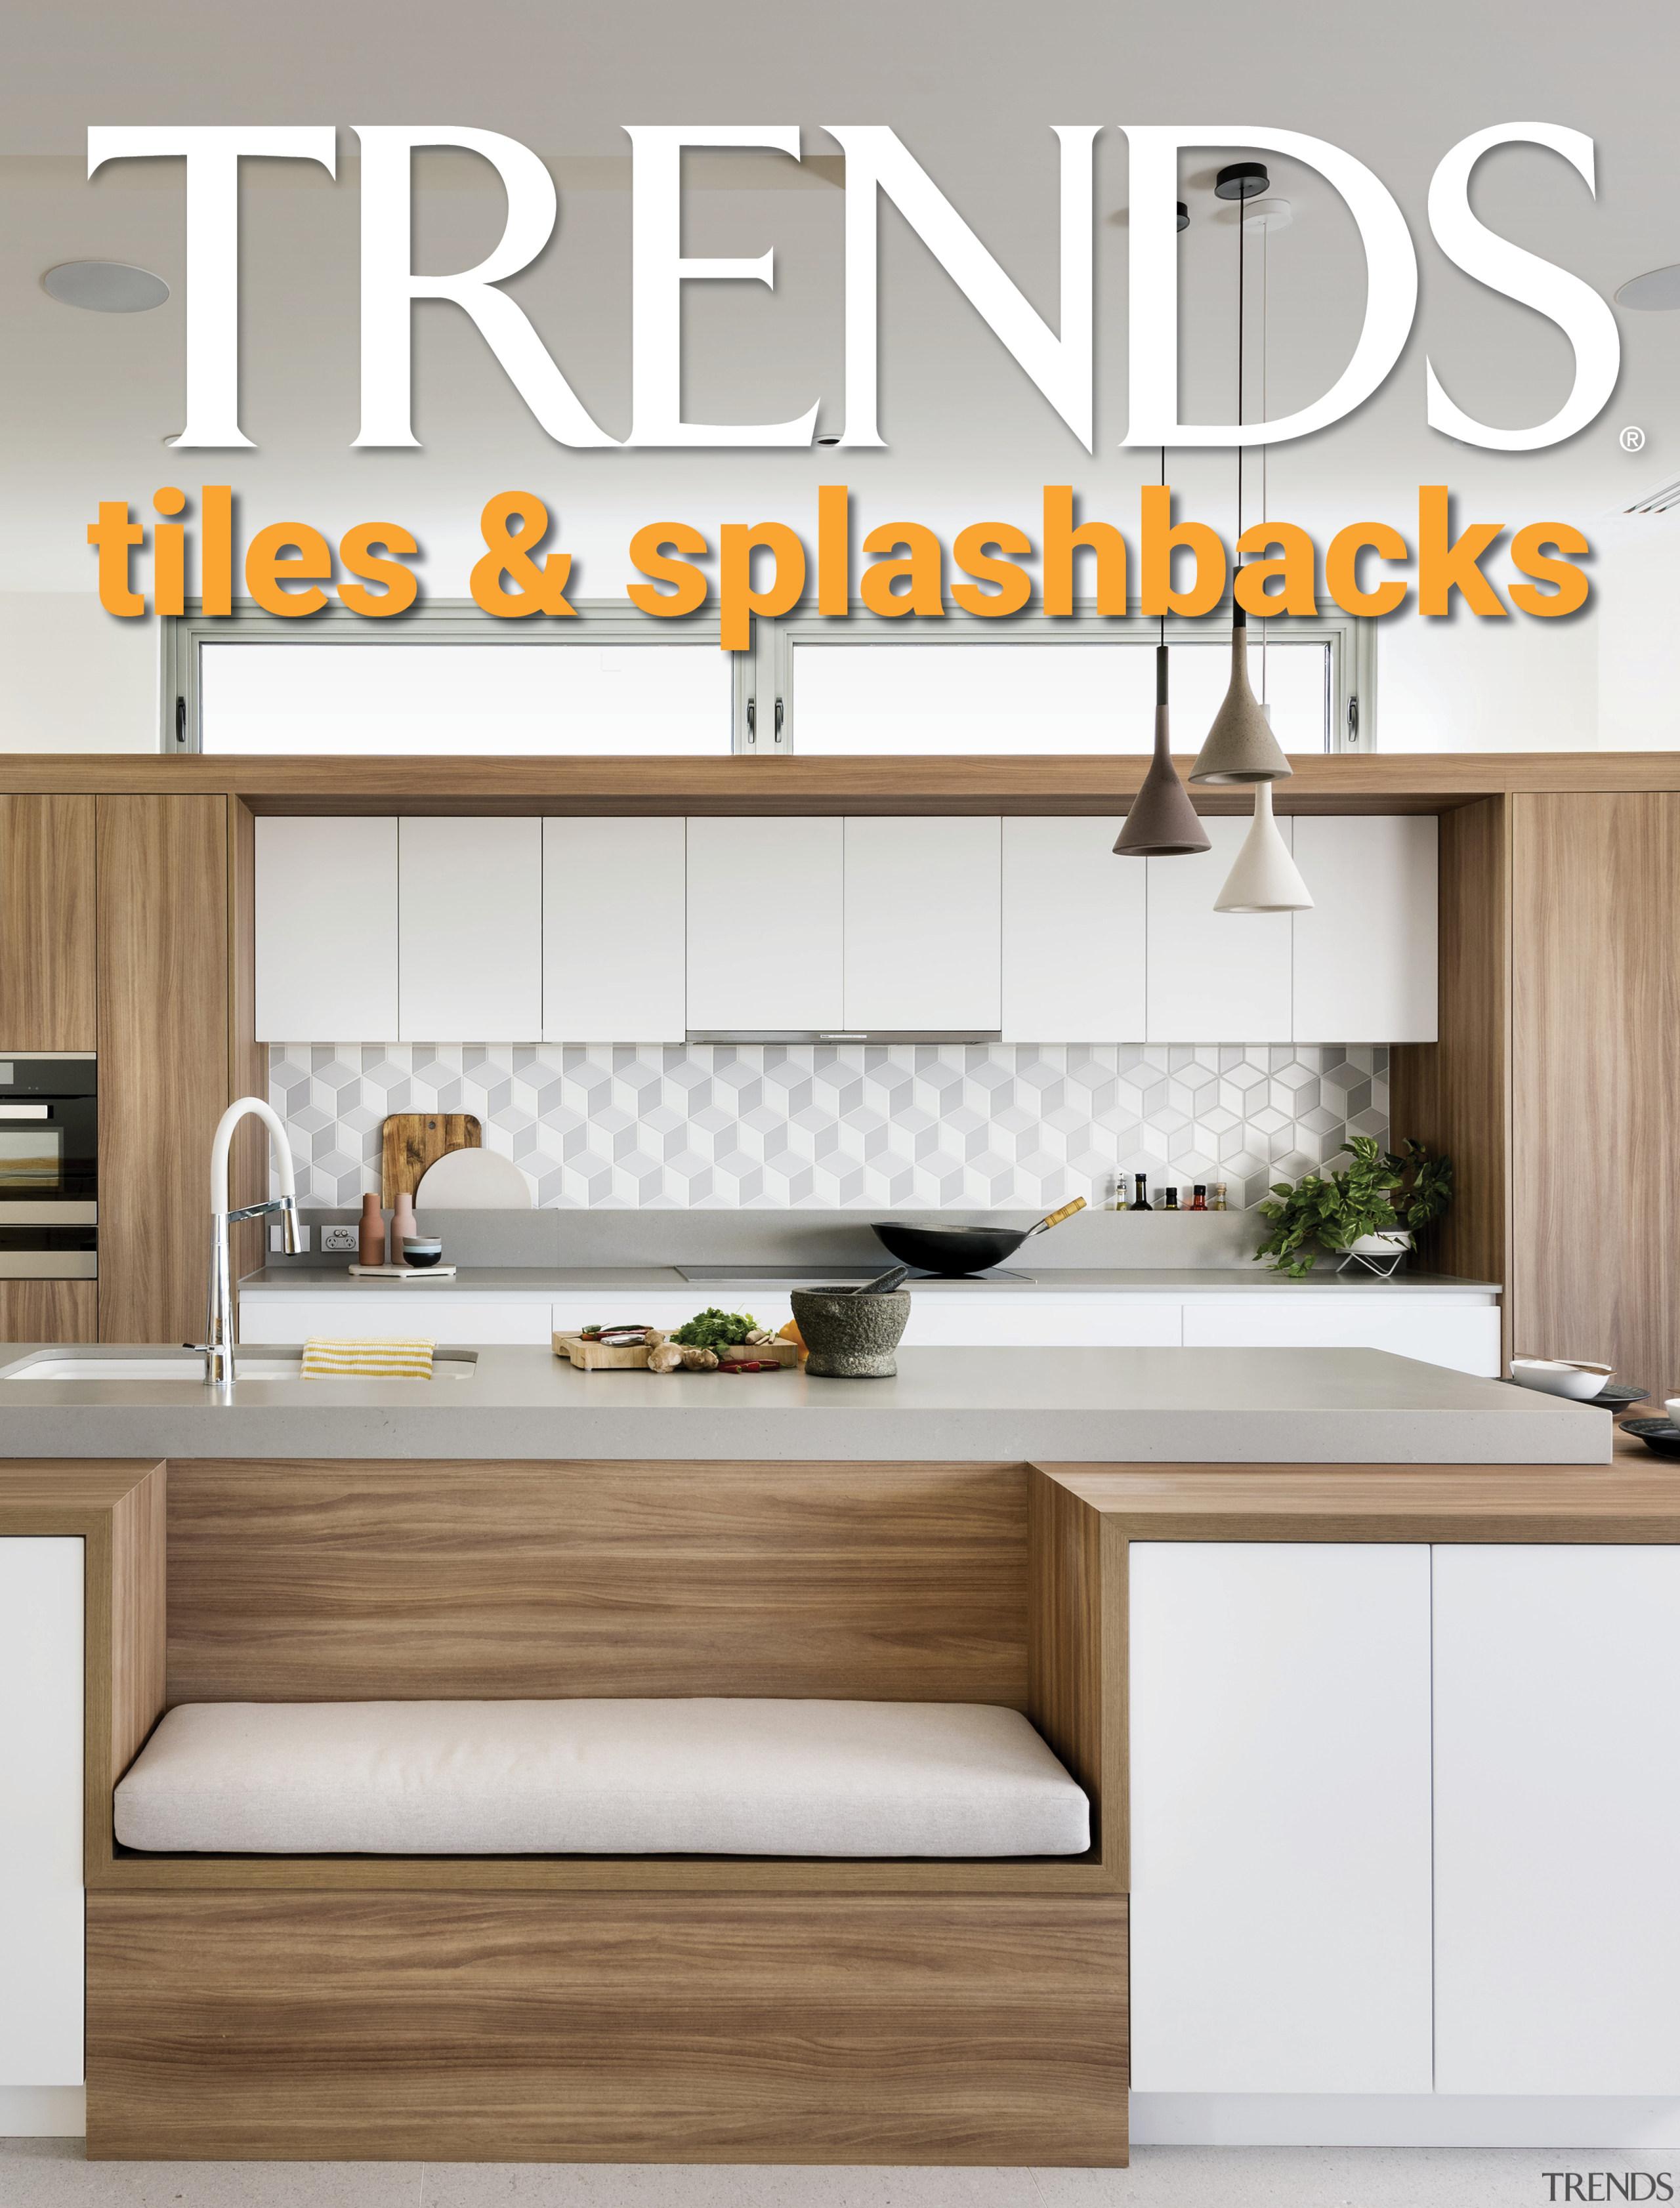 TRENDS MINI COVER tiles splashbacks -